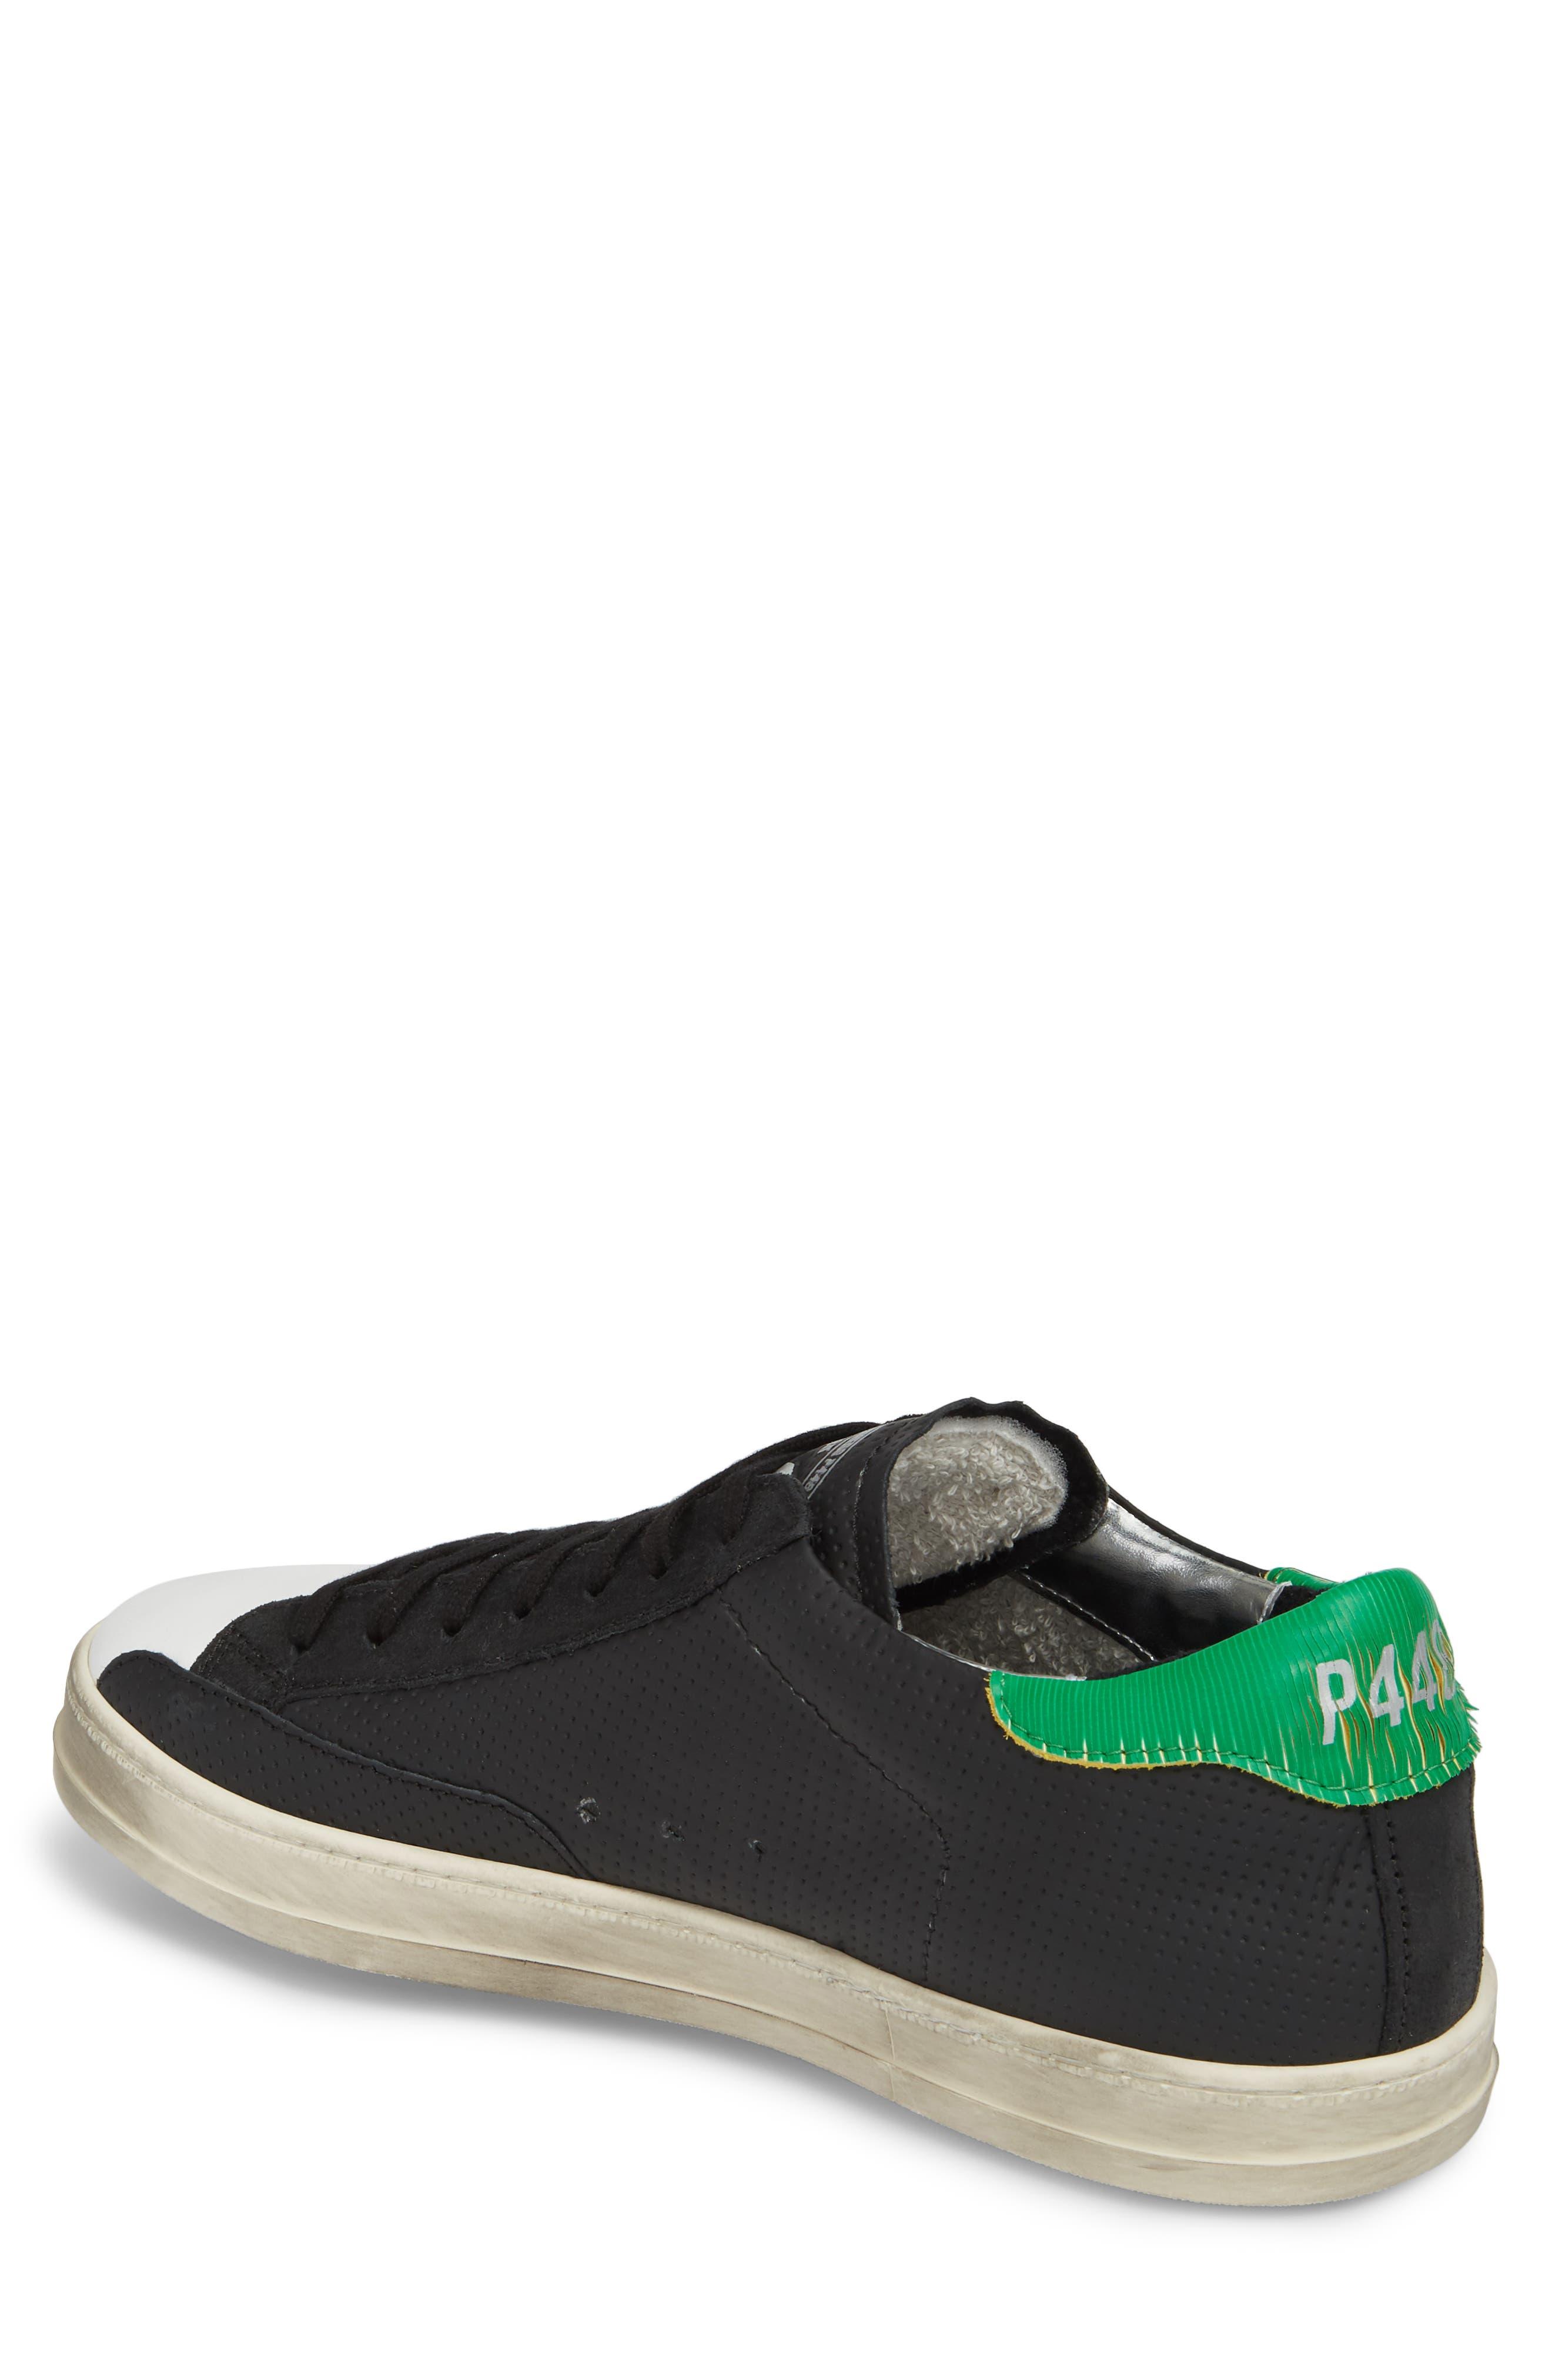 John Low Top Sneaker,                             Alternate thumbnail 2, color,                             BLACK